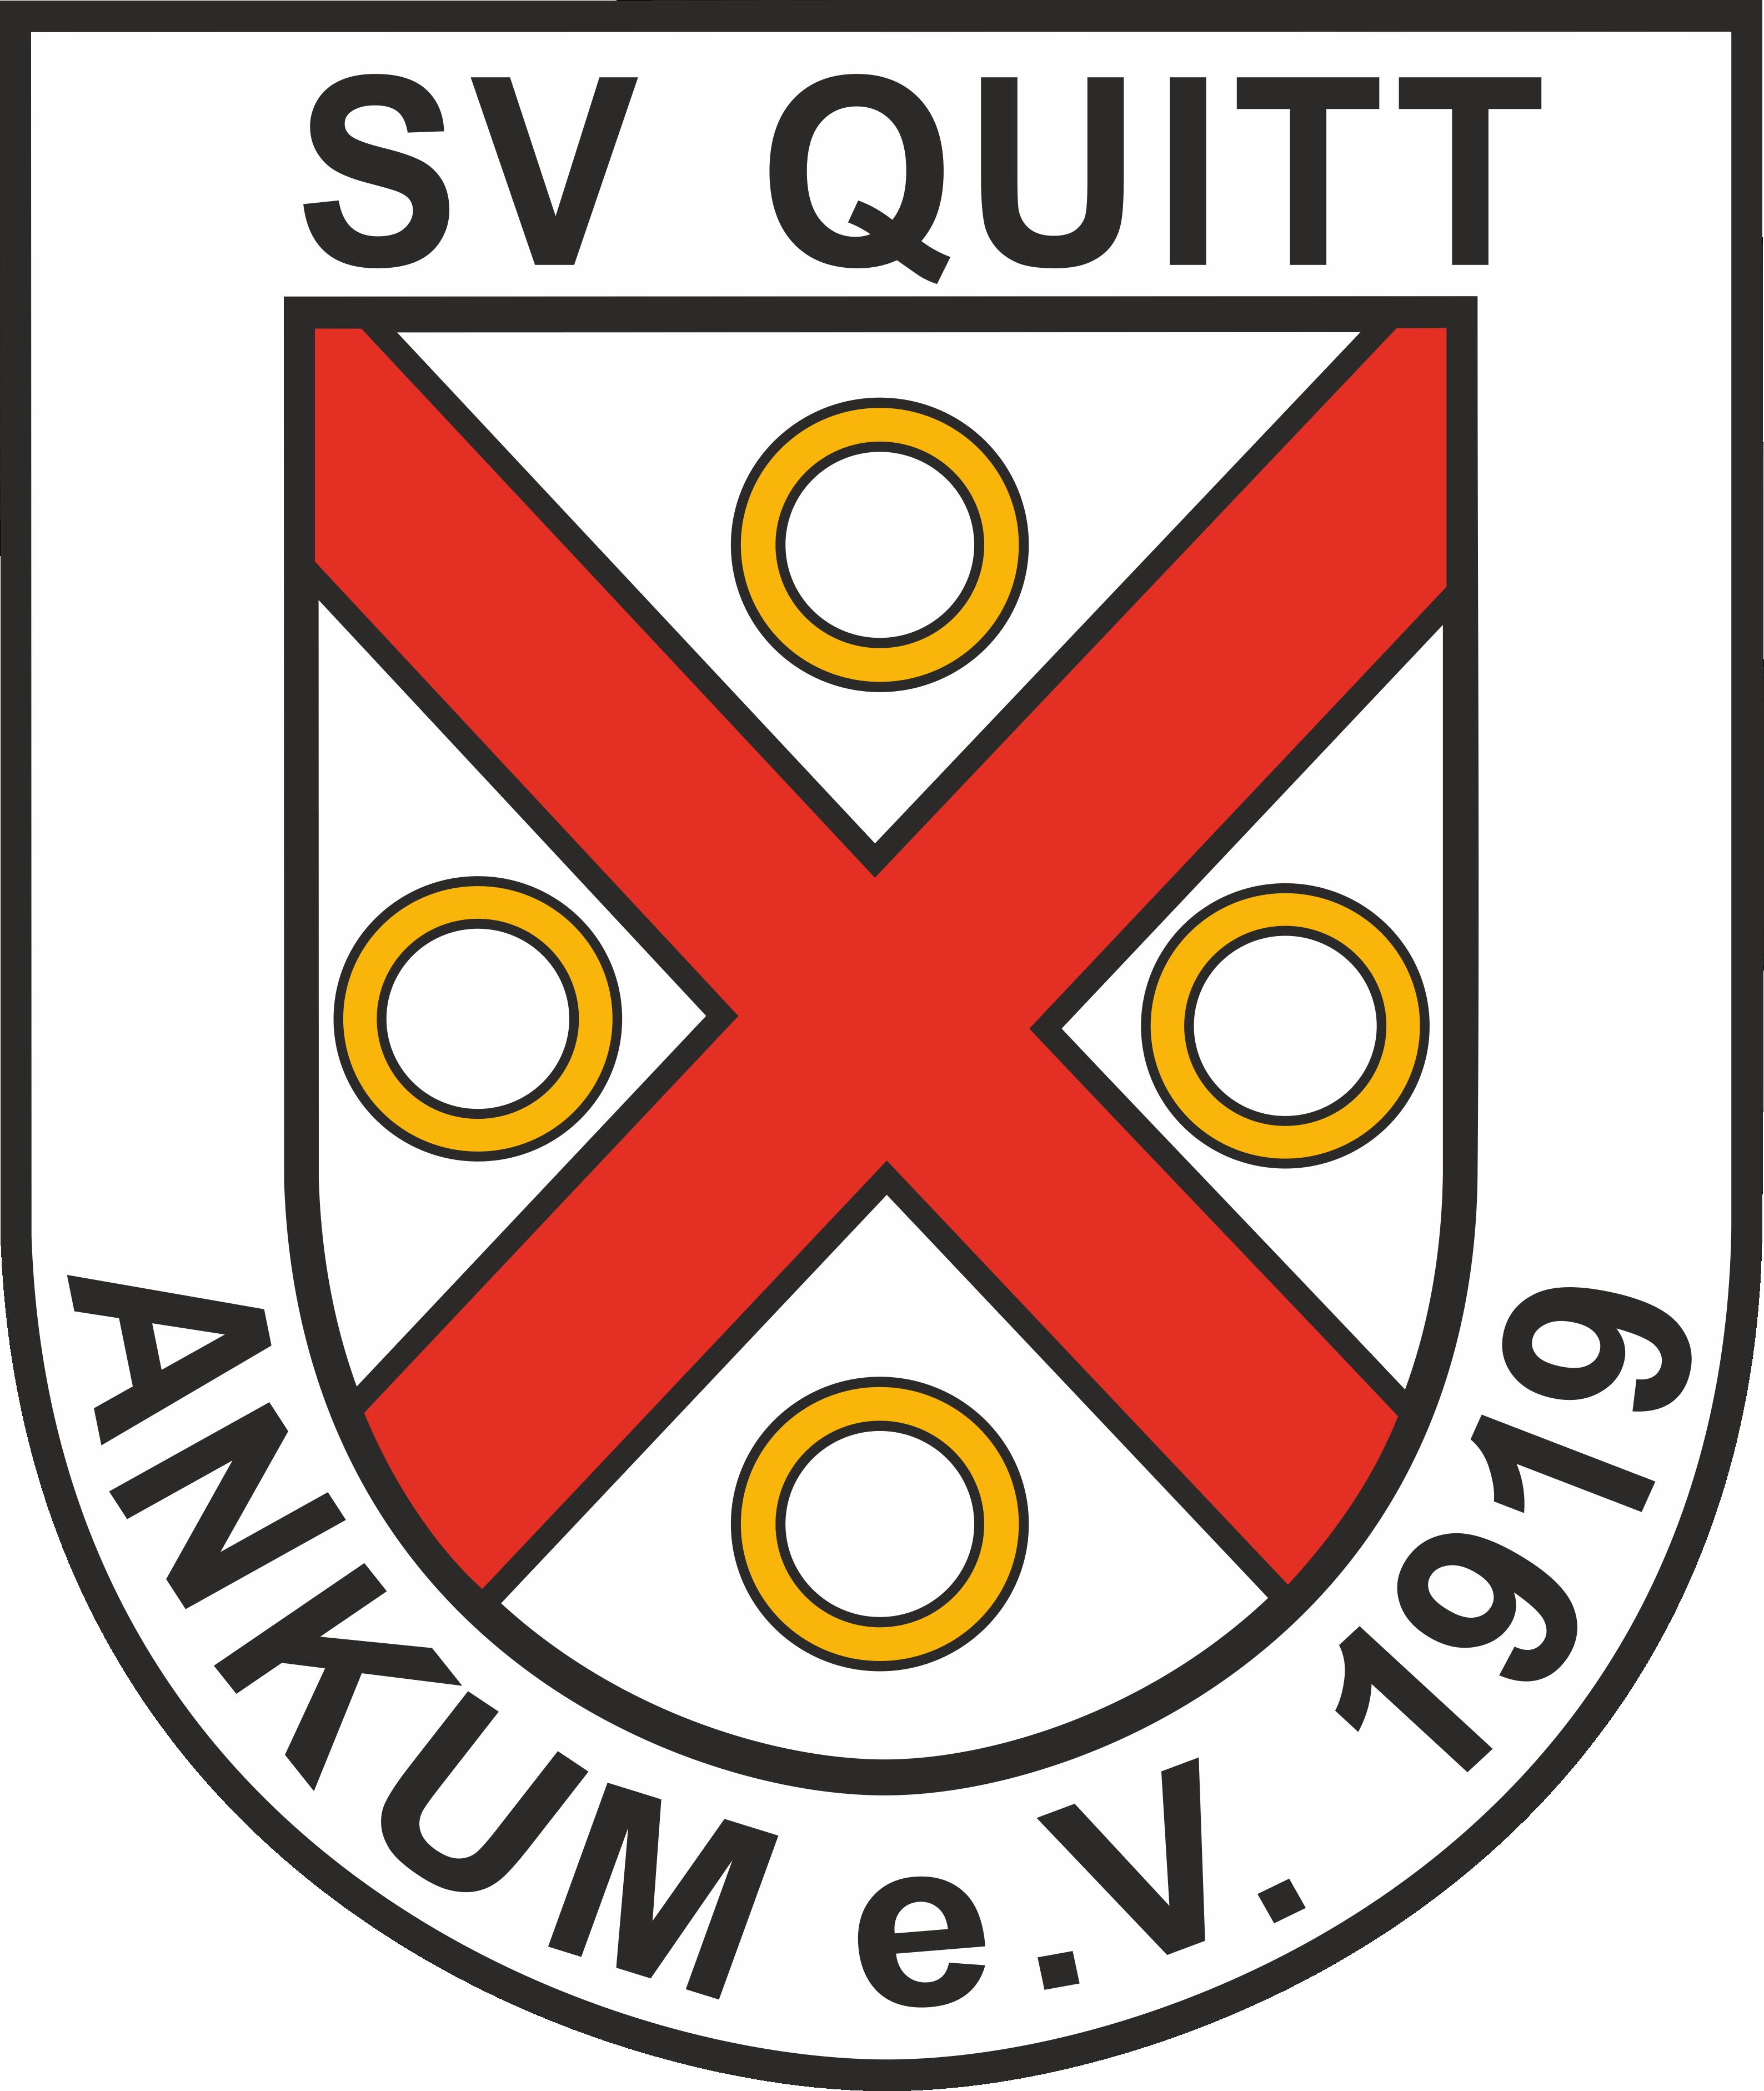 SV Quitt Ankum 1919 e.V.